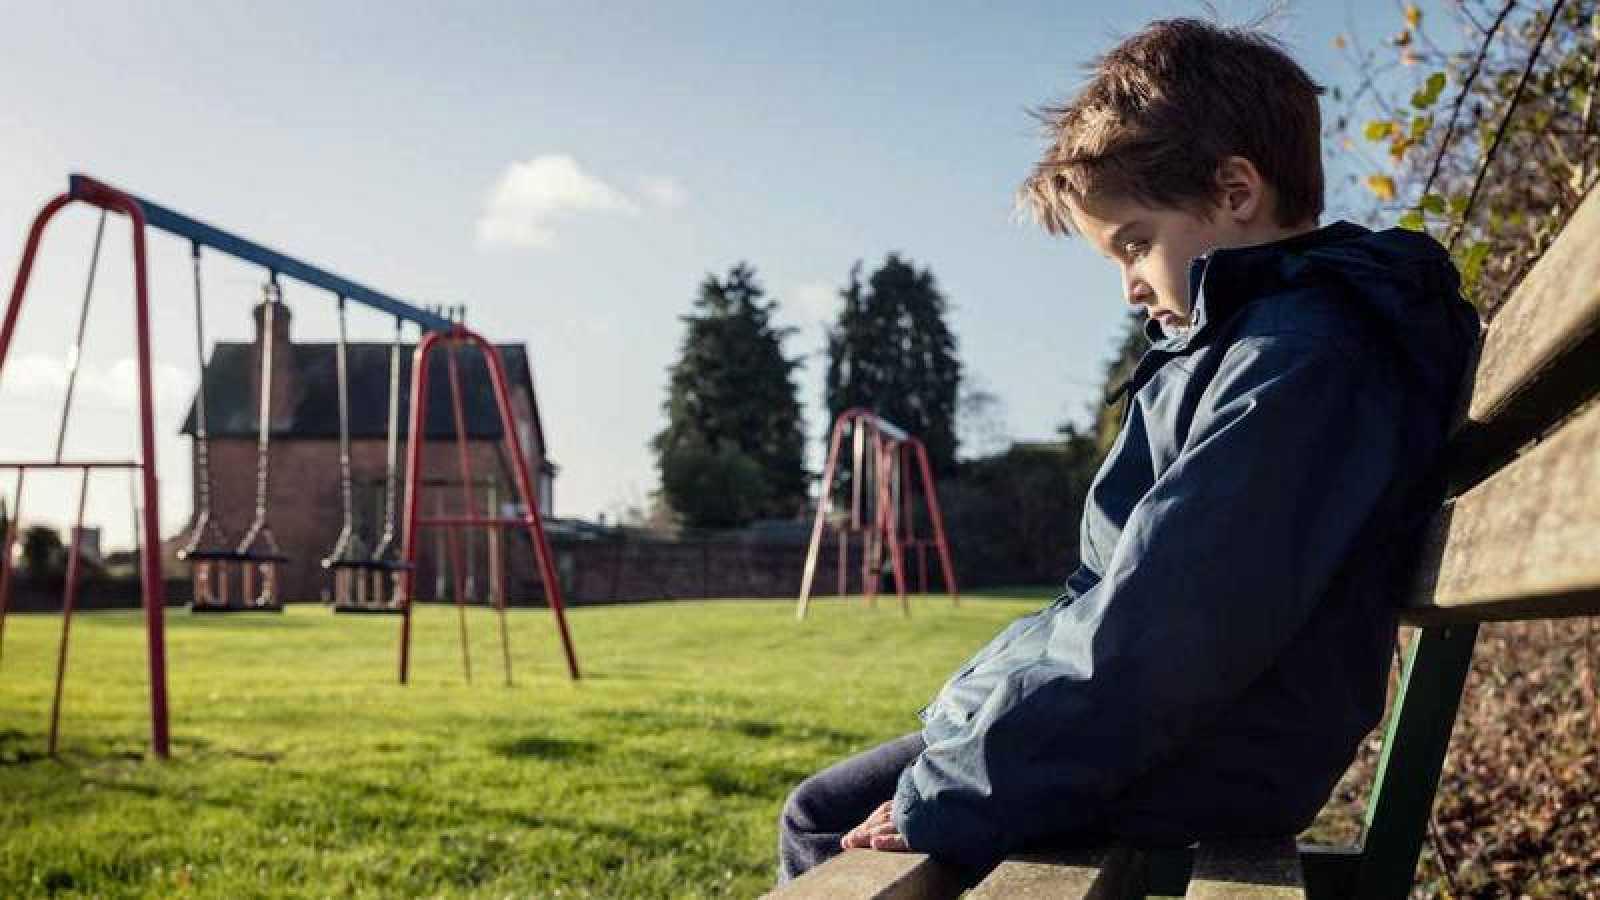 Cualquier persona puede denunciar un caso de acoso escolar en el  900 018 018.